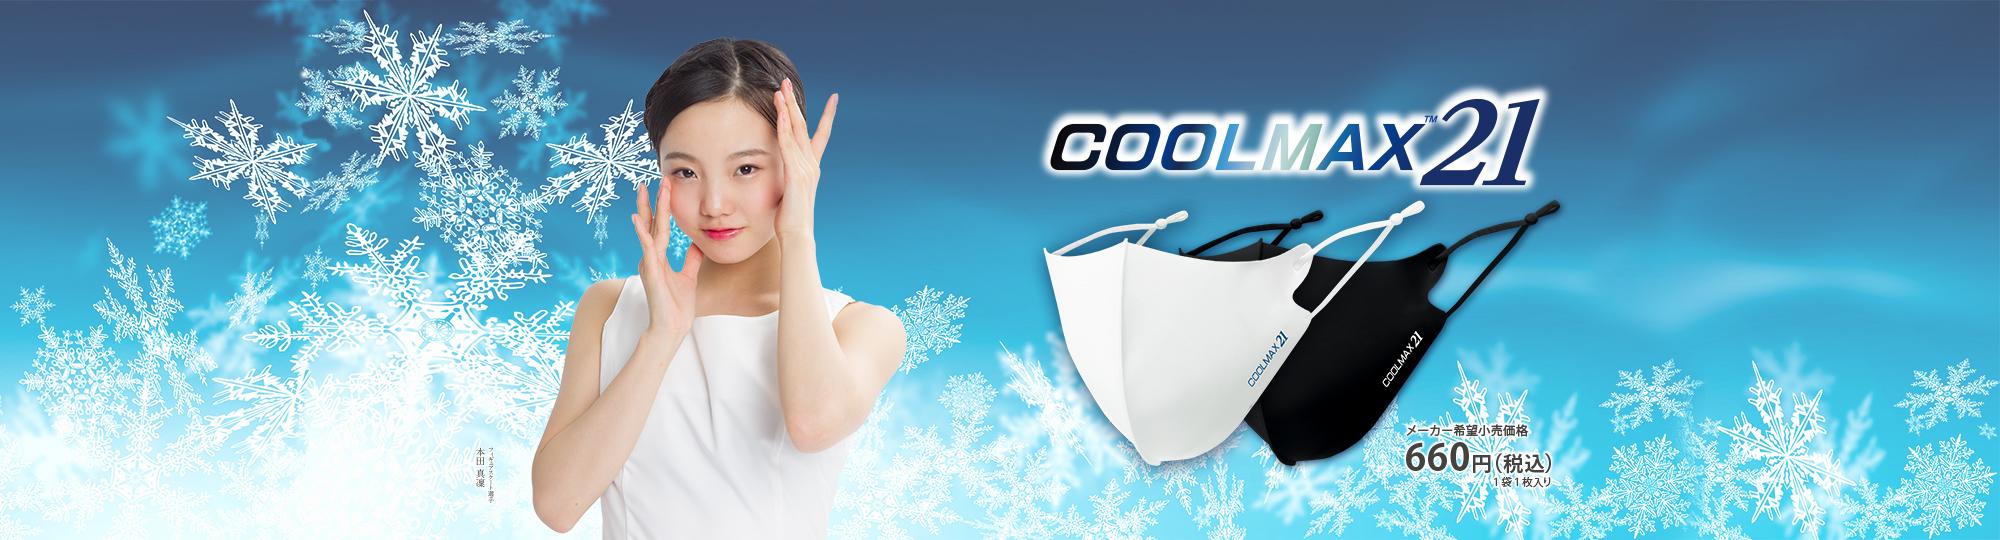 接触冷感マスク『COOLMAX21』発売開始よりわずか1か月で販売枚数30万枚突破! 画像